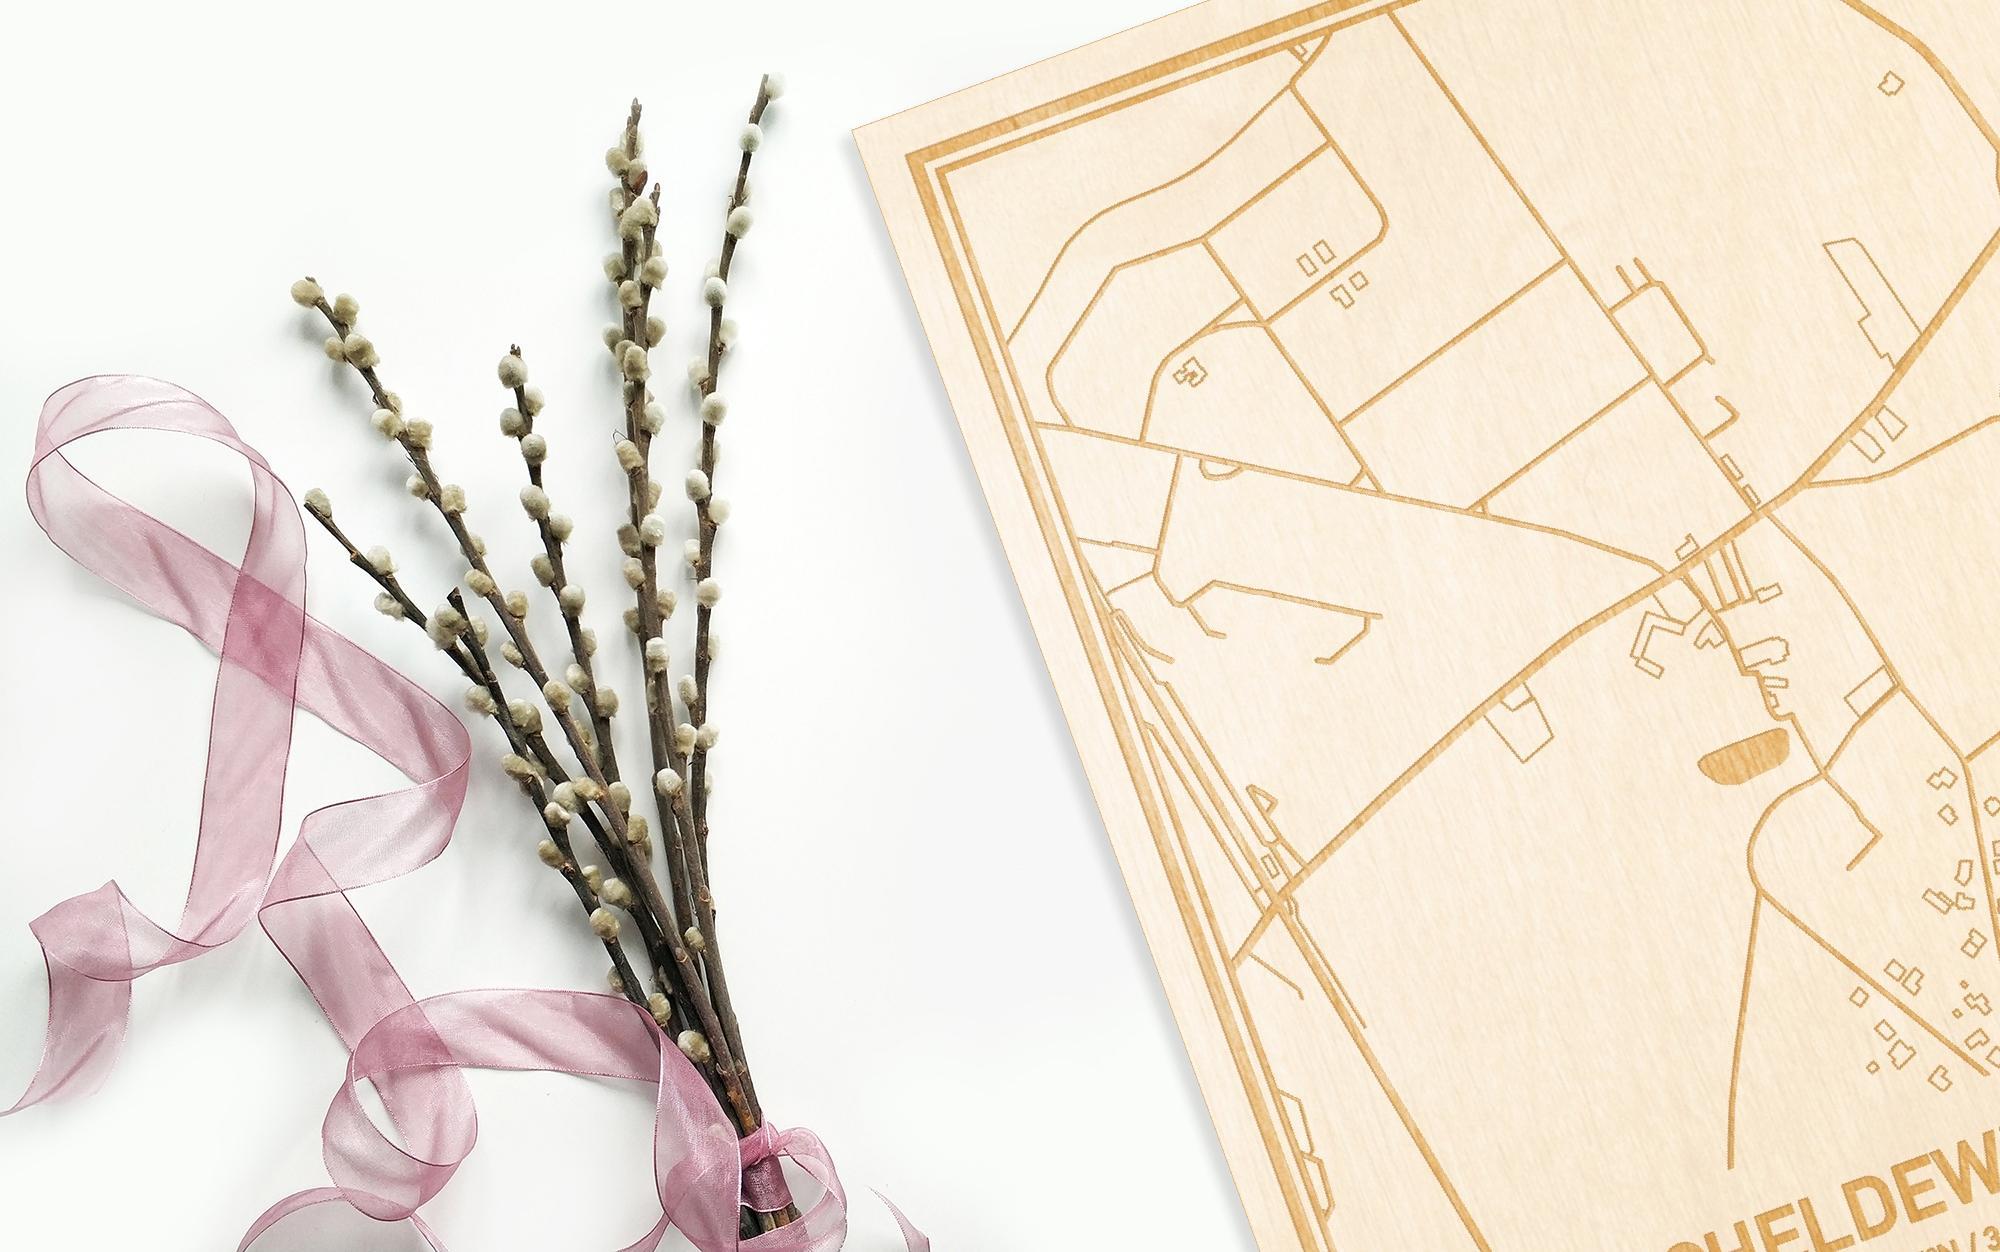 Hier ligt de houten plattegrond Scheldewindeke naast een bloemetje als gepersonaliseerd cadeau voor haar.